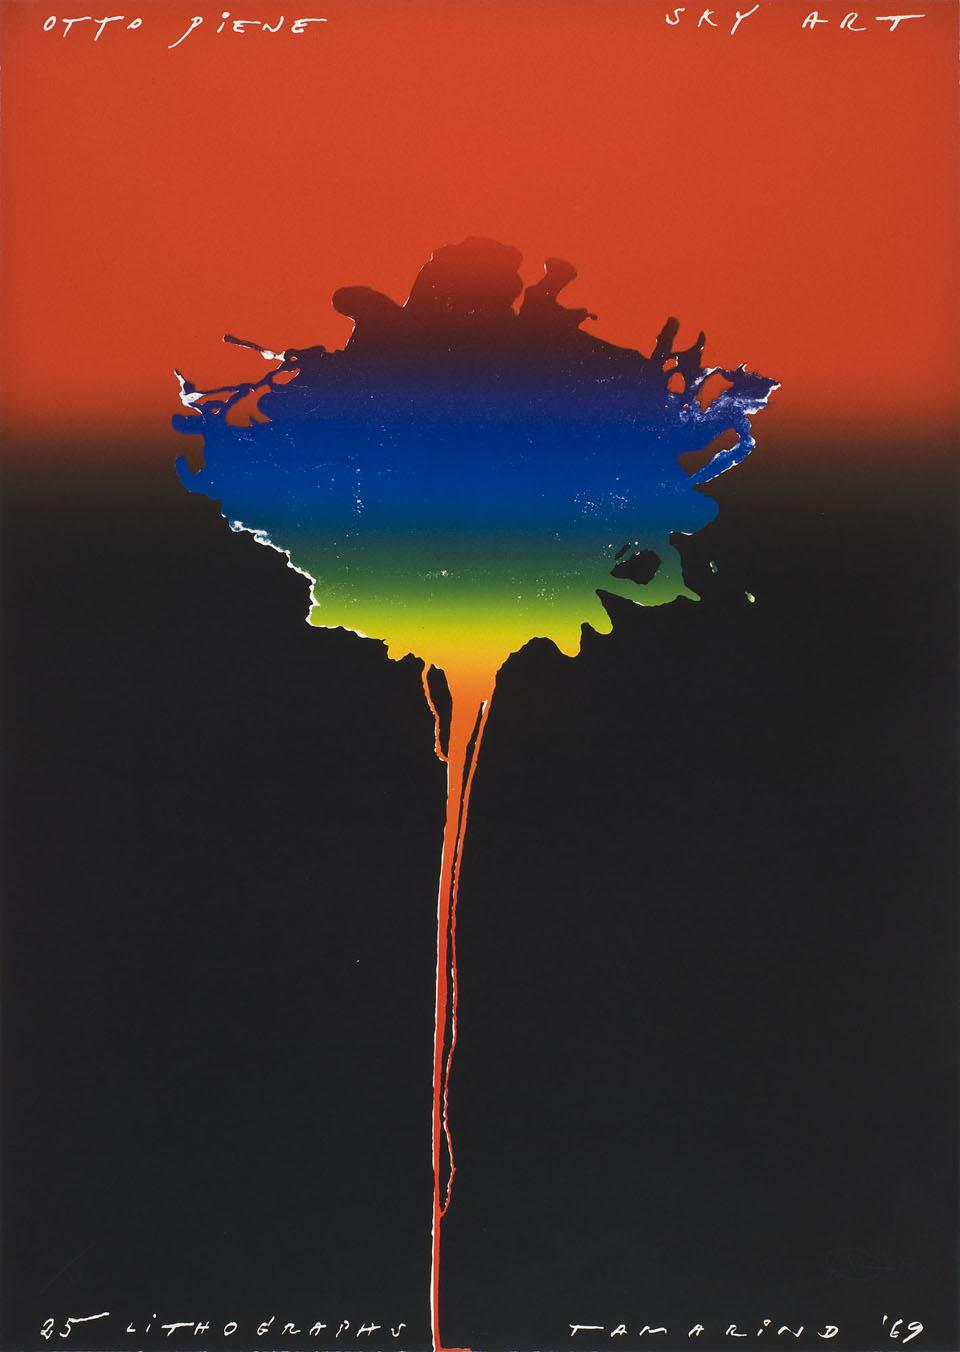 Otto Piene, Sky Art, 1969, Collection ZERo foundation, Düsseldorf